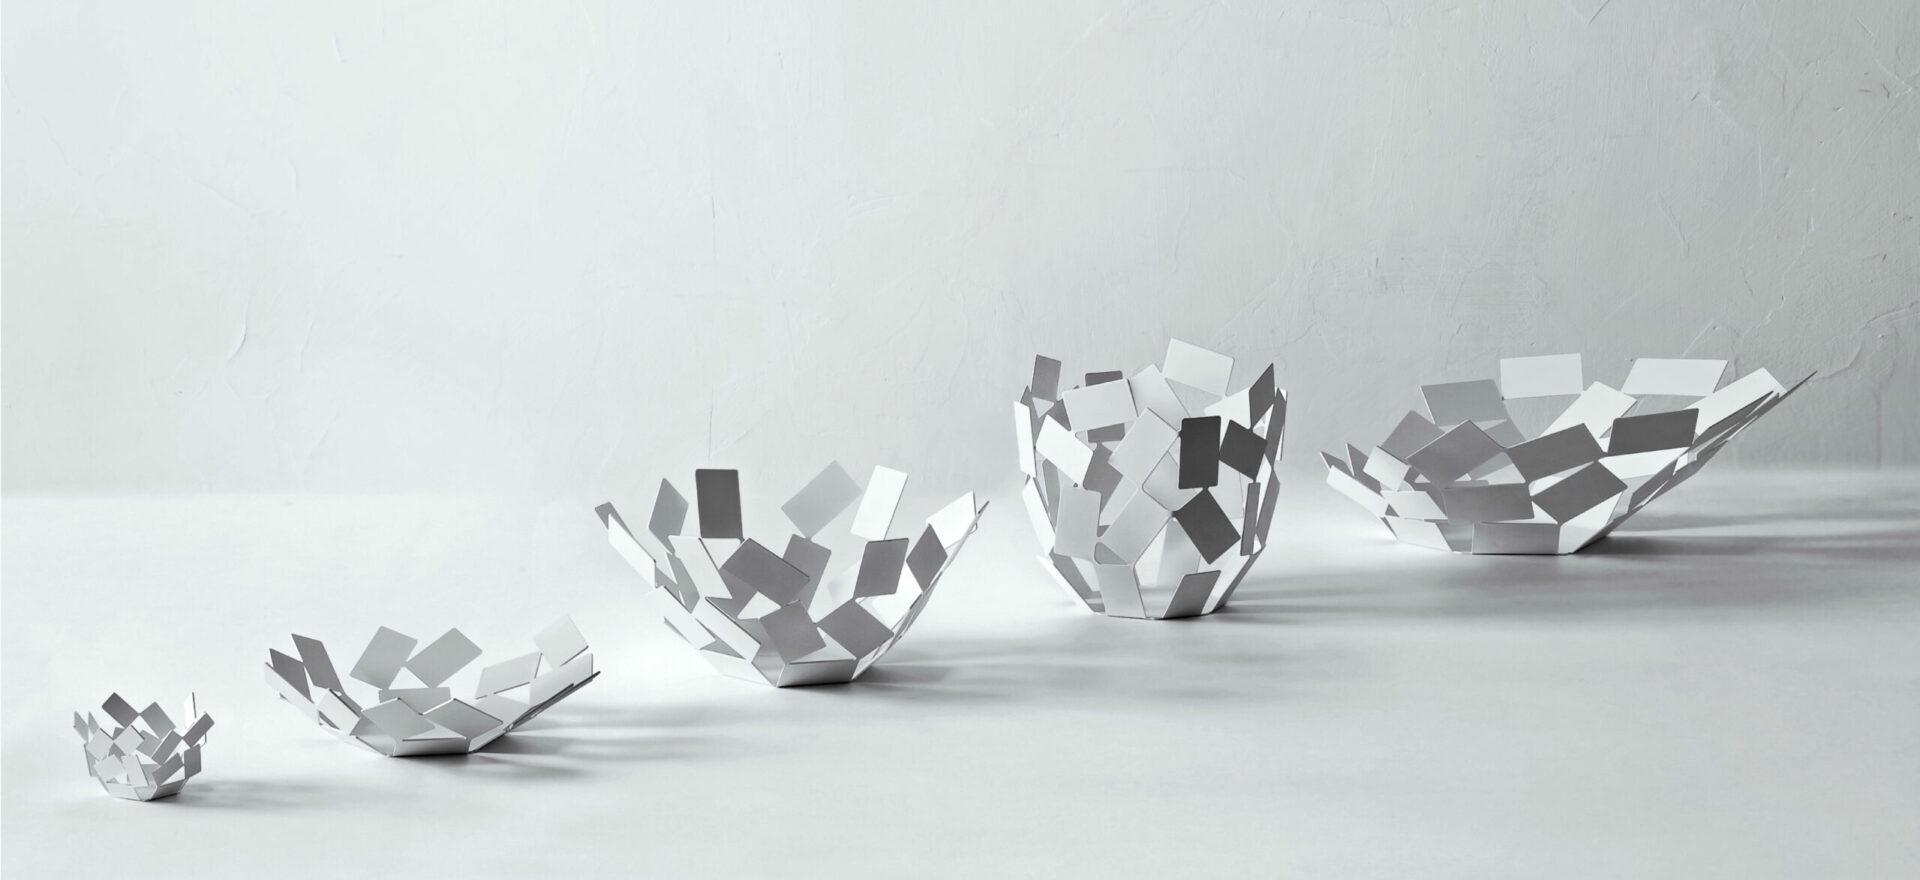 La Stanza dello Scirocco | Product Design | Basket Collection | Alessi | Mario Trimarchi Design | Ph Santi Caleca